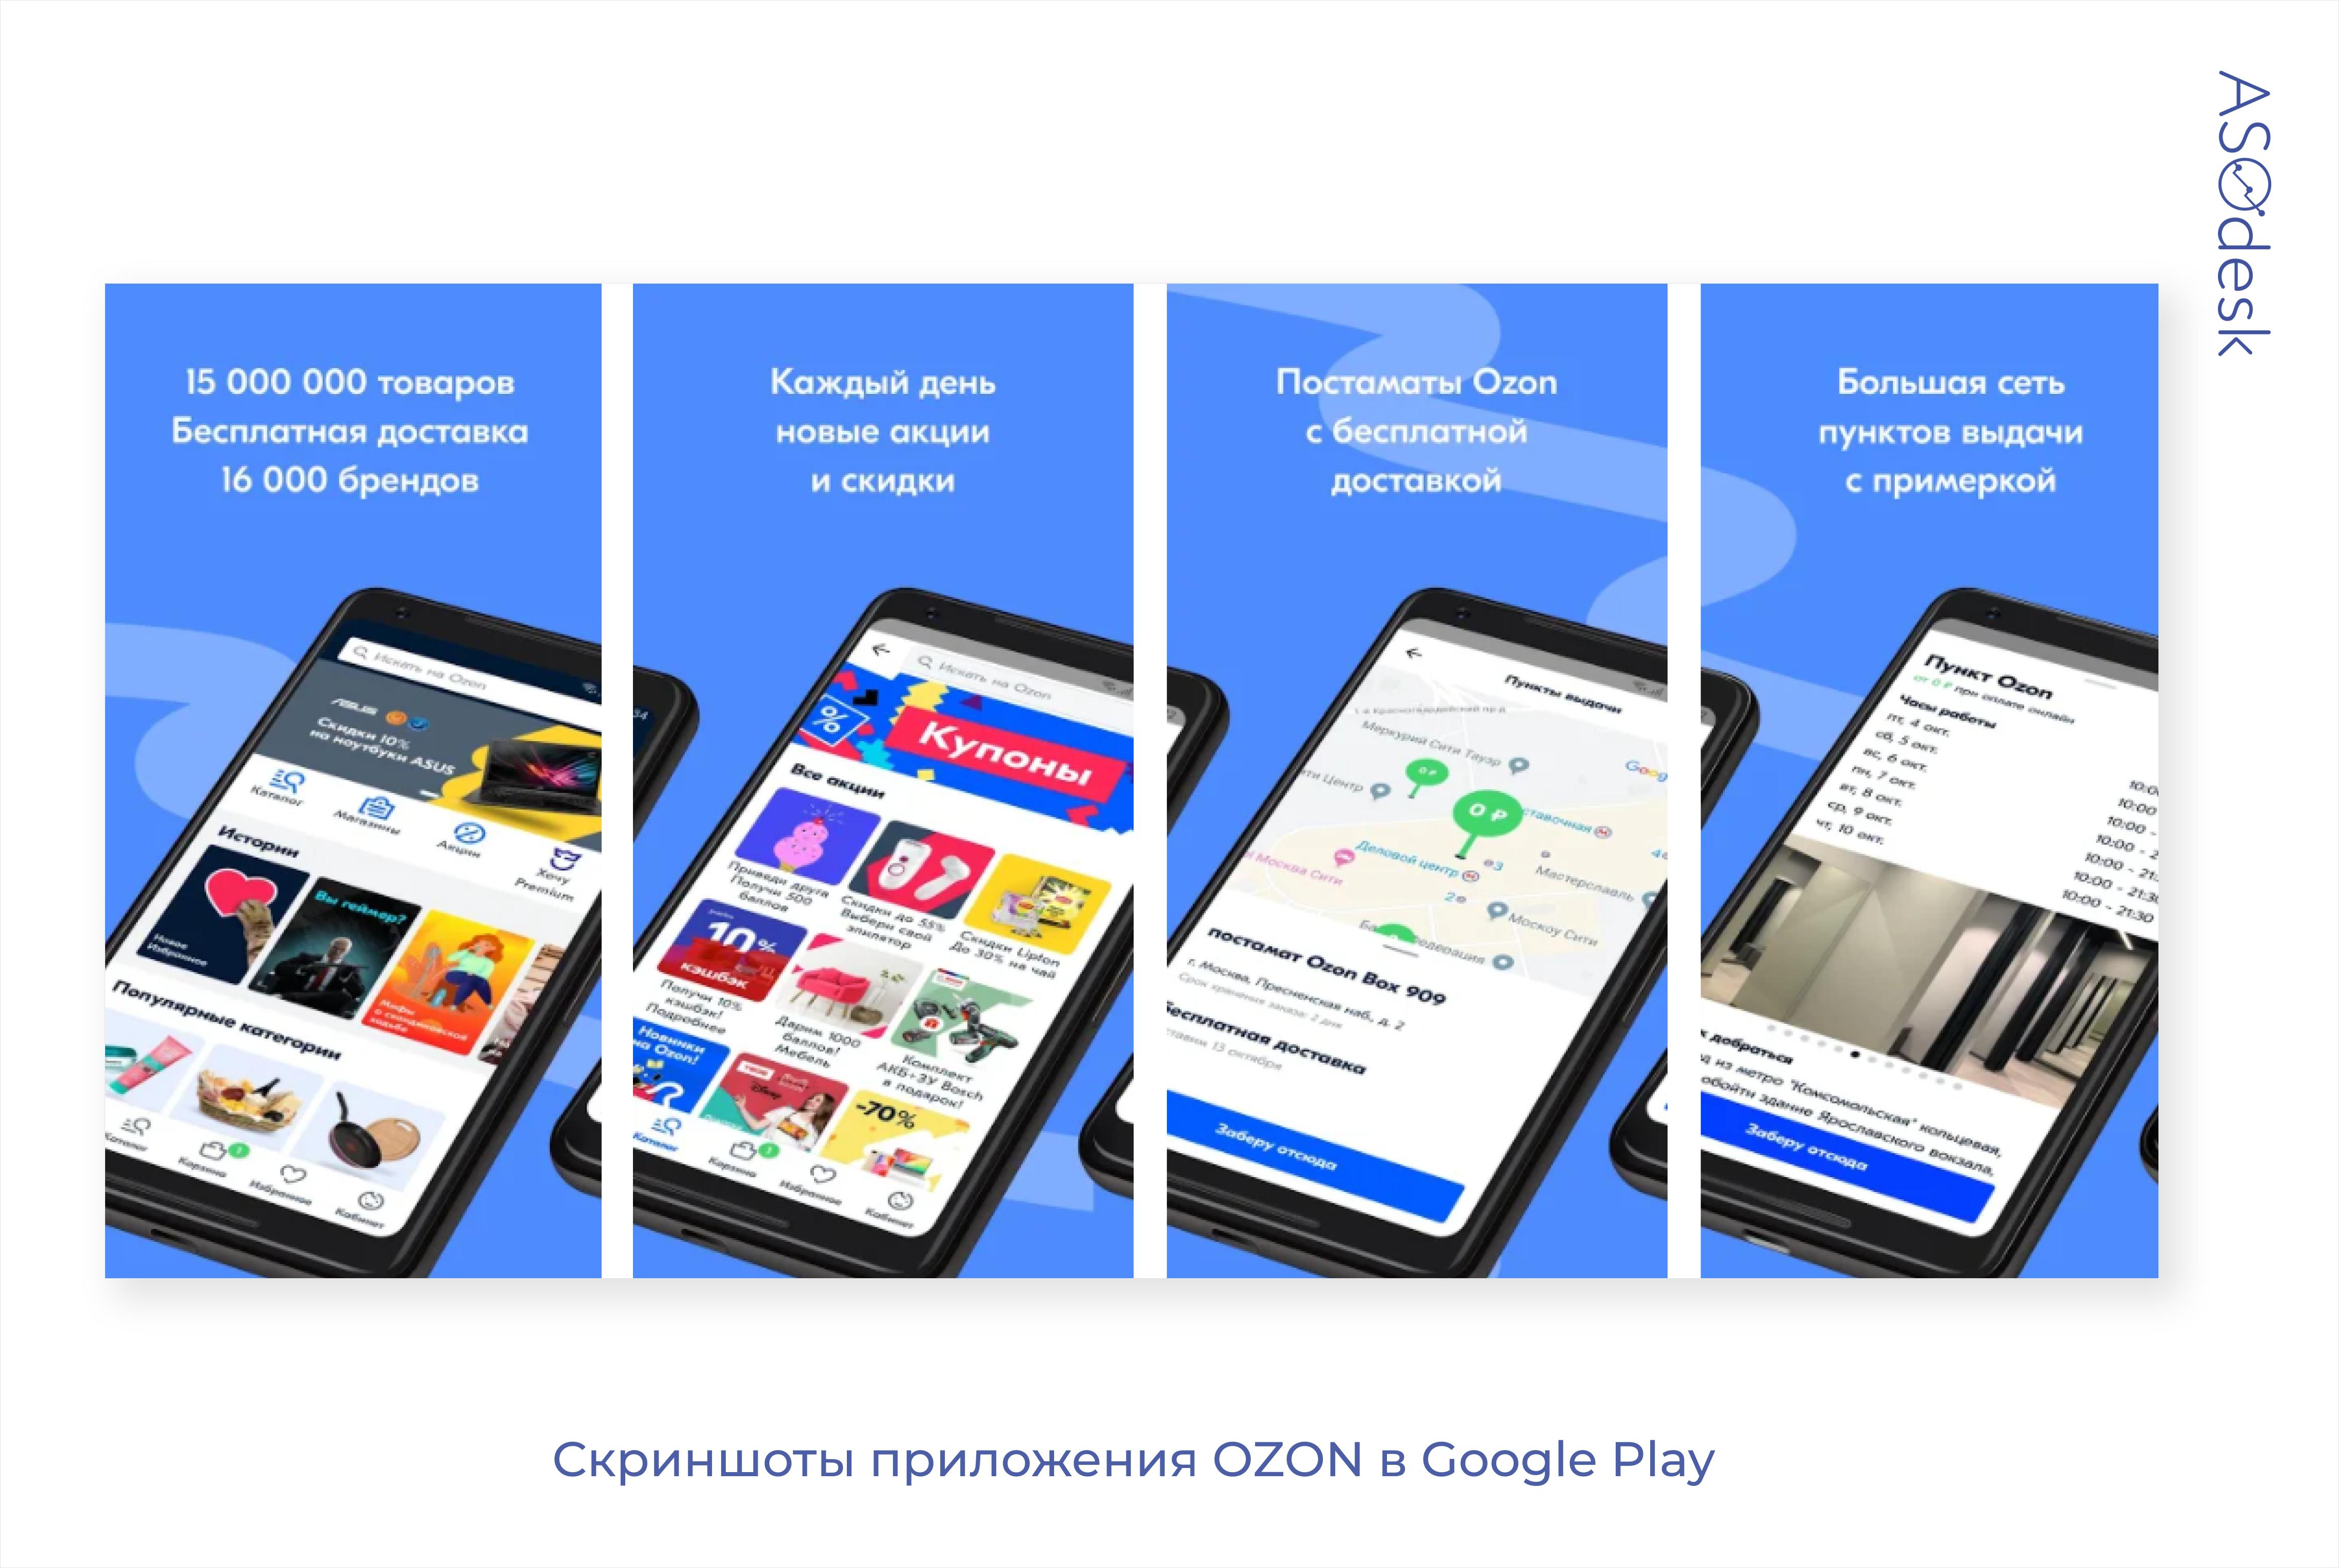 Ozon использовал белые надписи на скриншотах своего приложения в Google Play